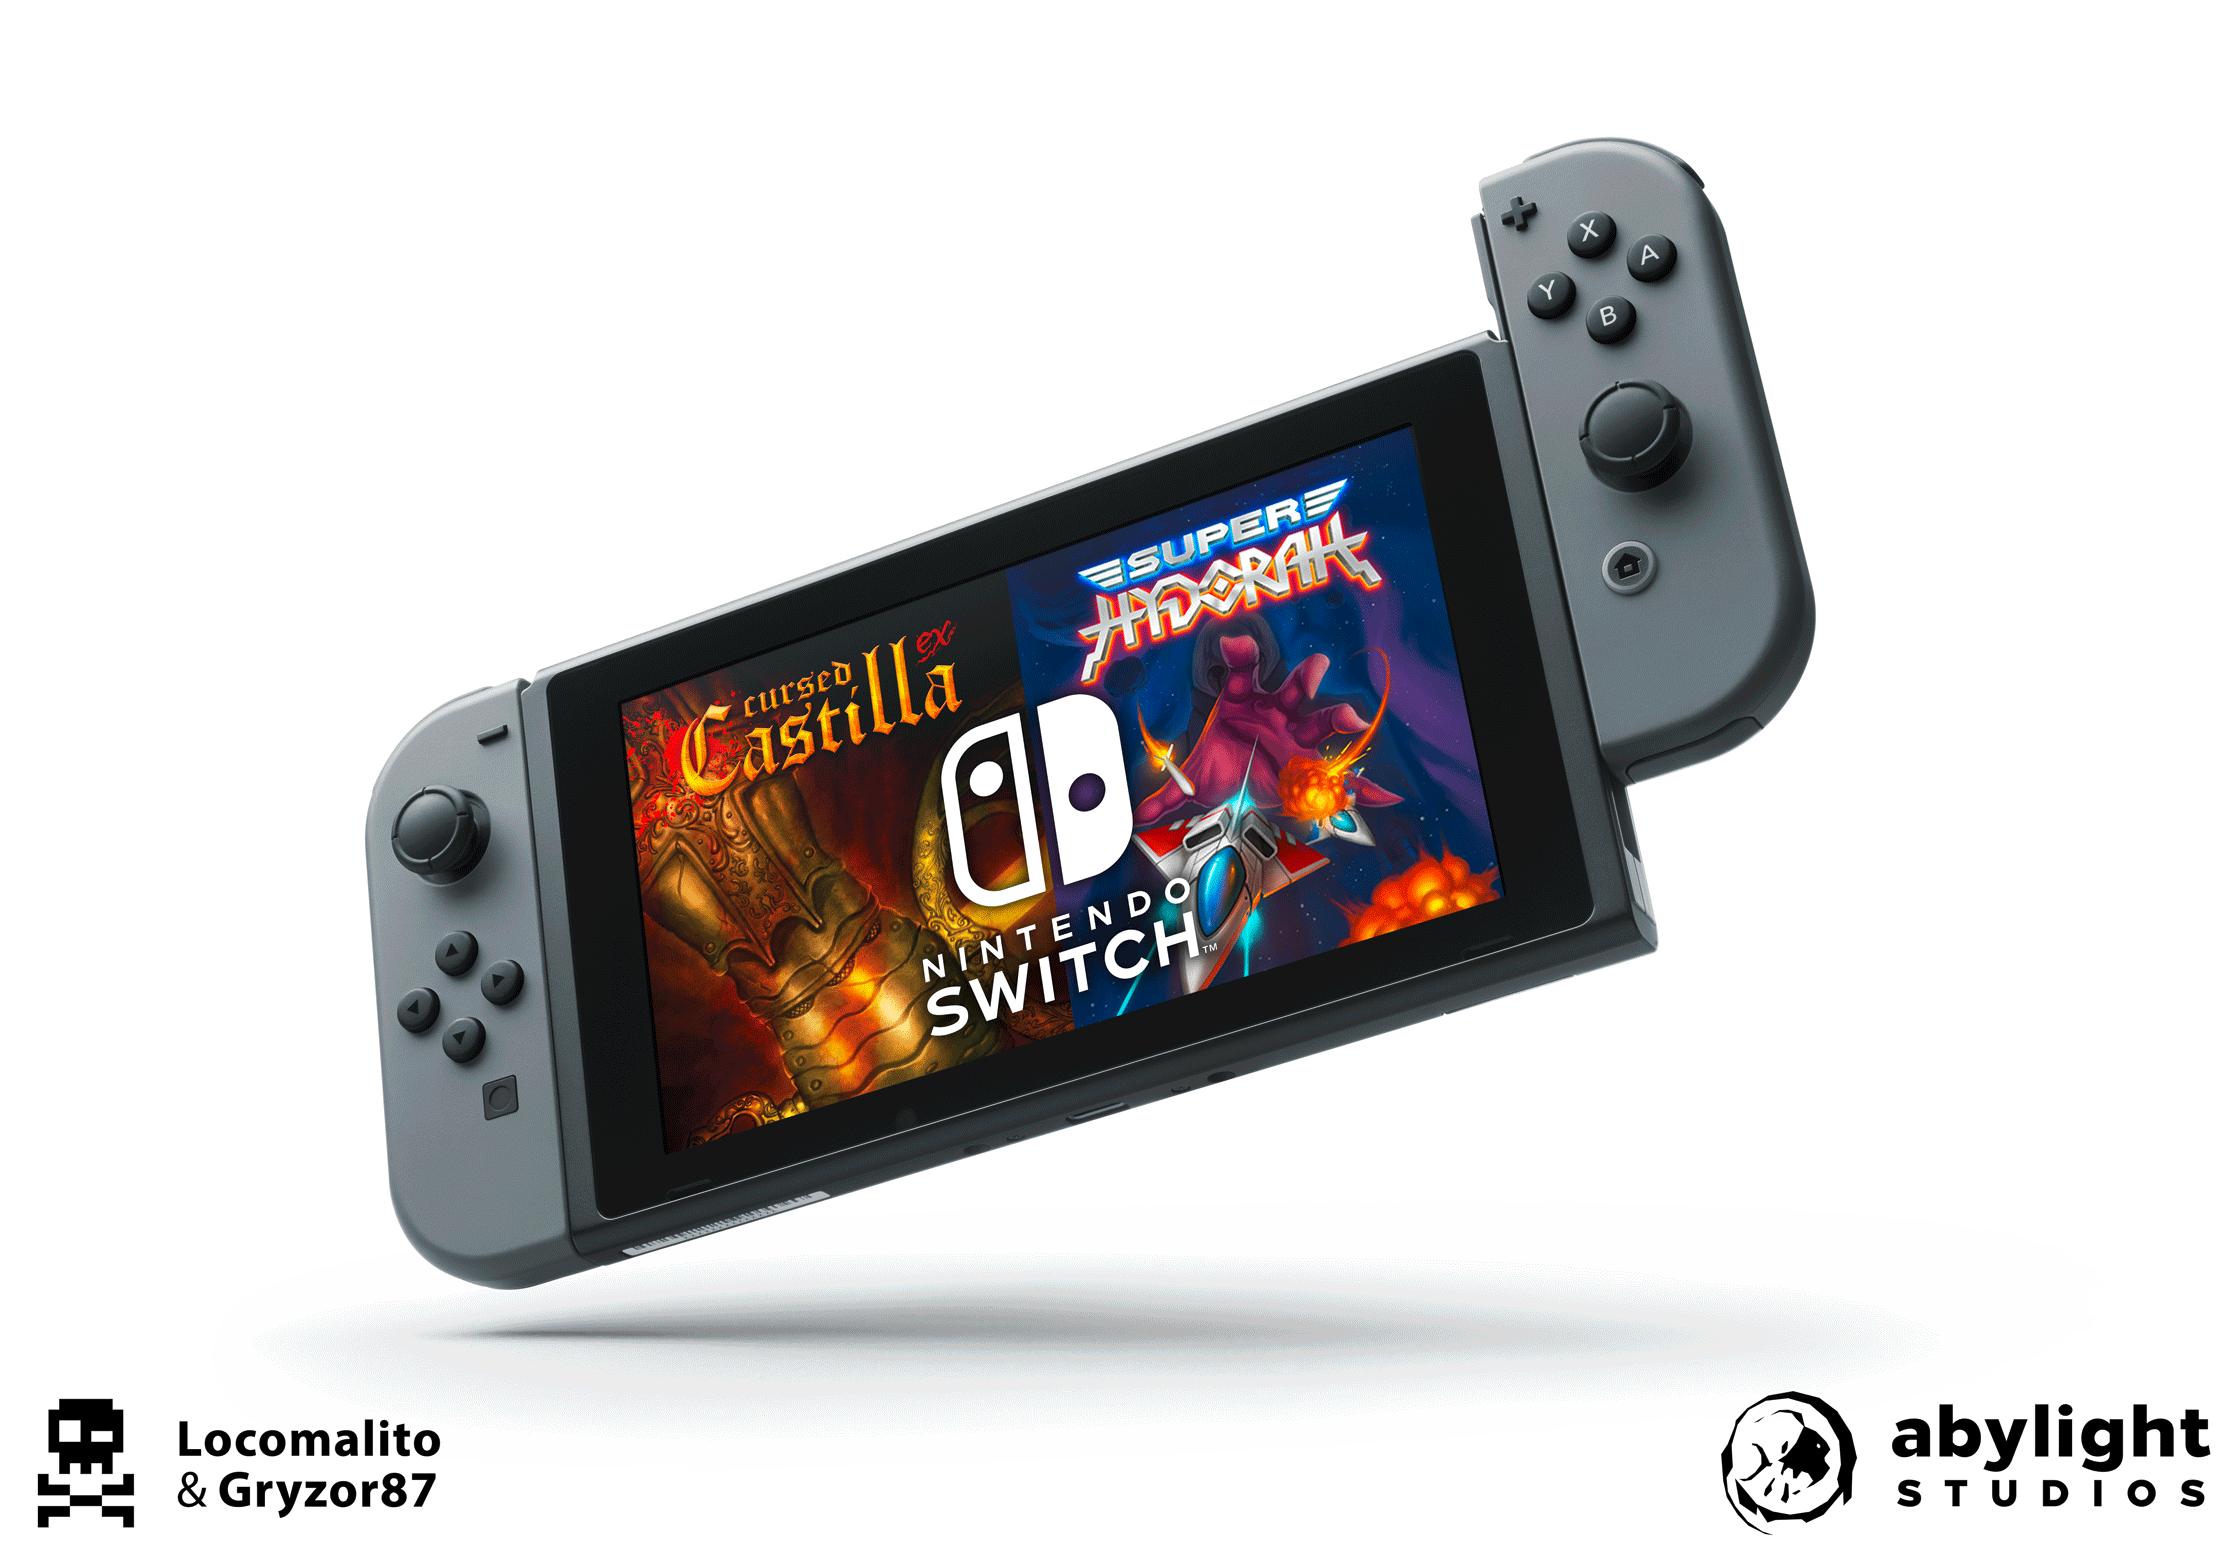 ¡Abylight Studios publicará Super Hydorah y Maldita Castilla EX en Nintendo Switch!